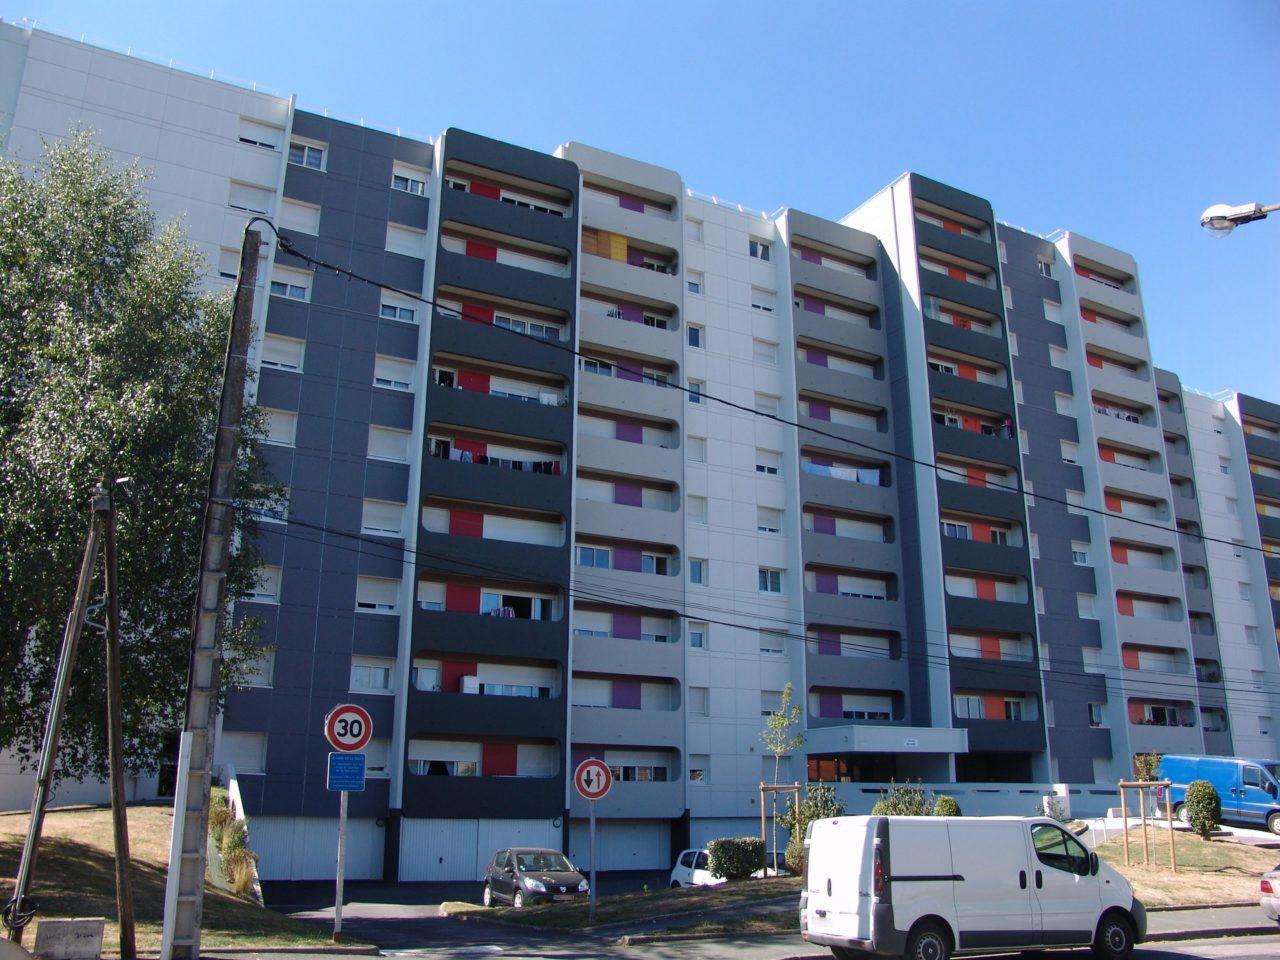 Residence bretagne vend e habitat for Location chambre la roche sur yon